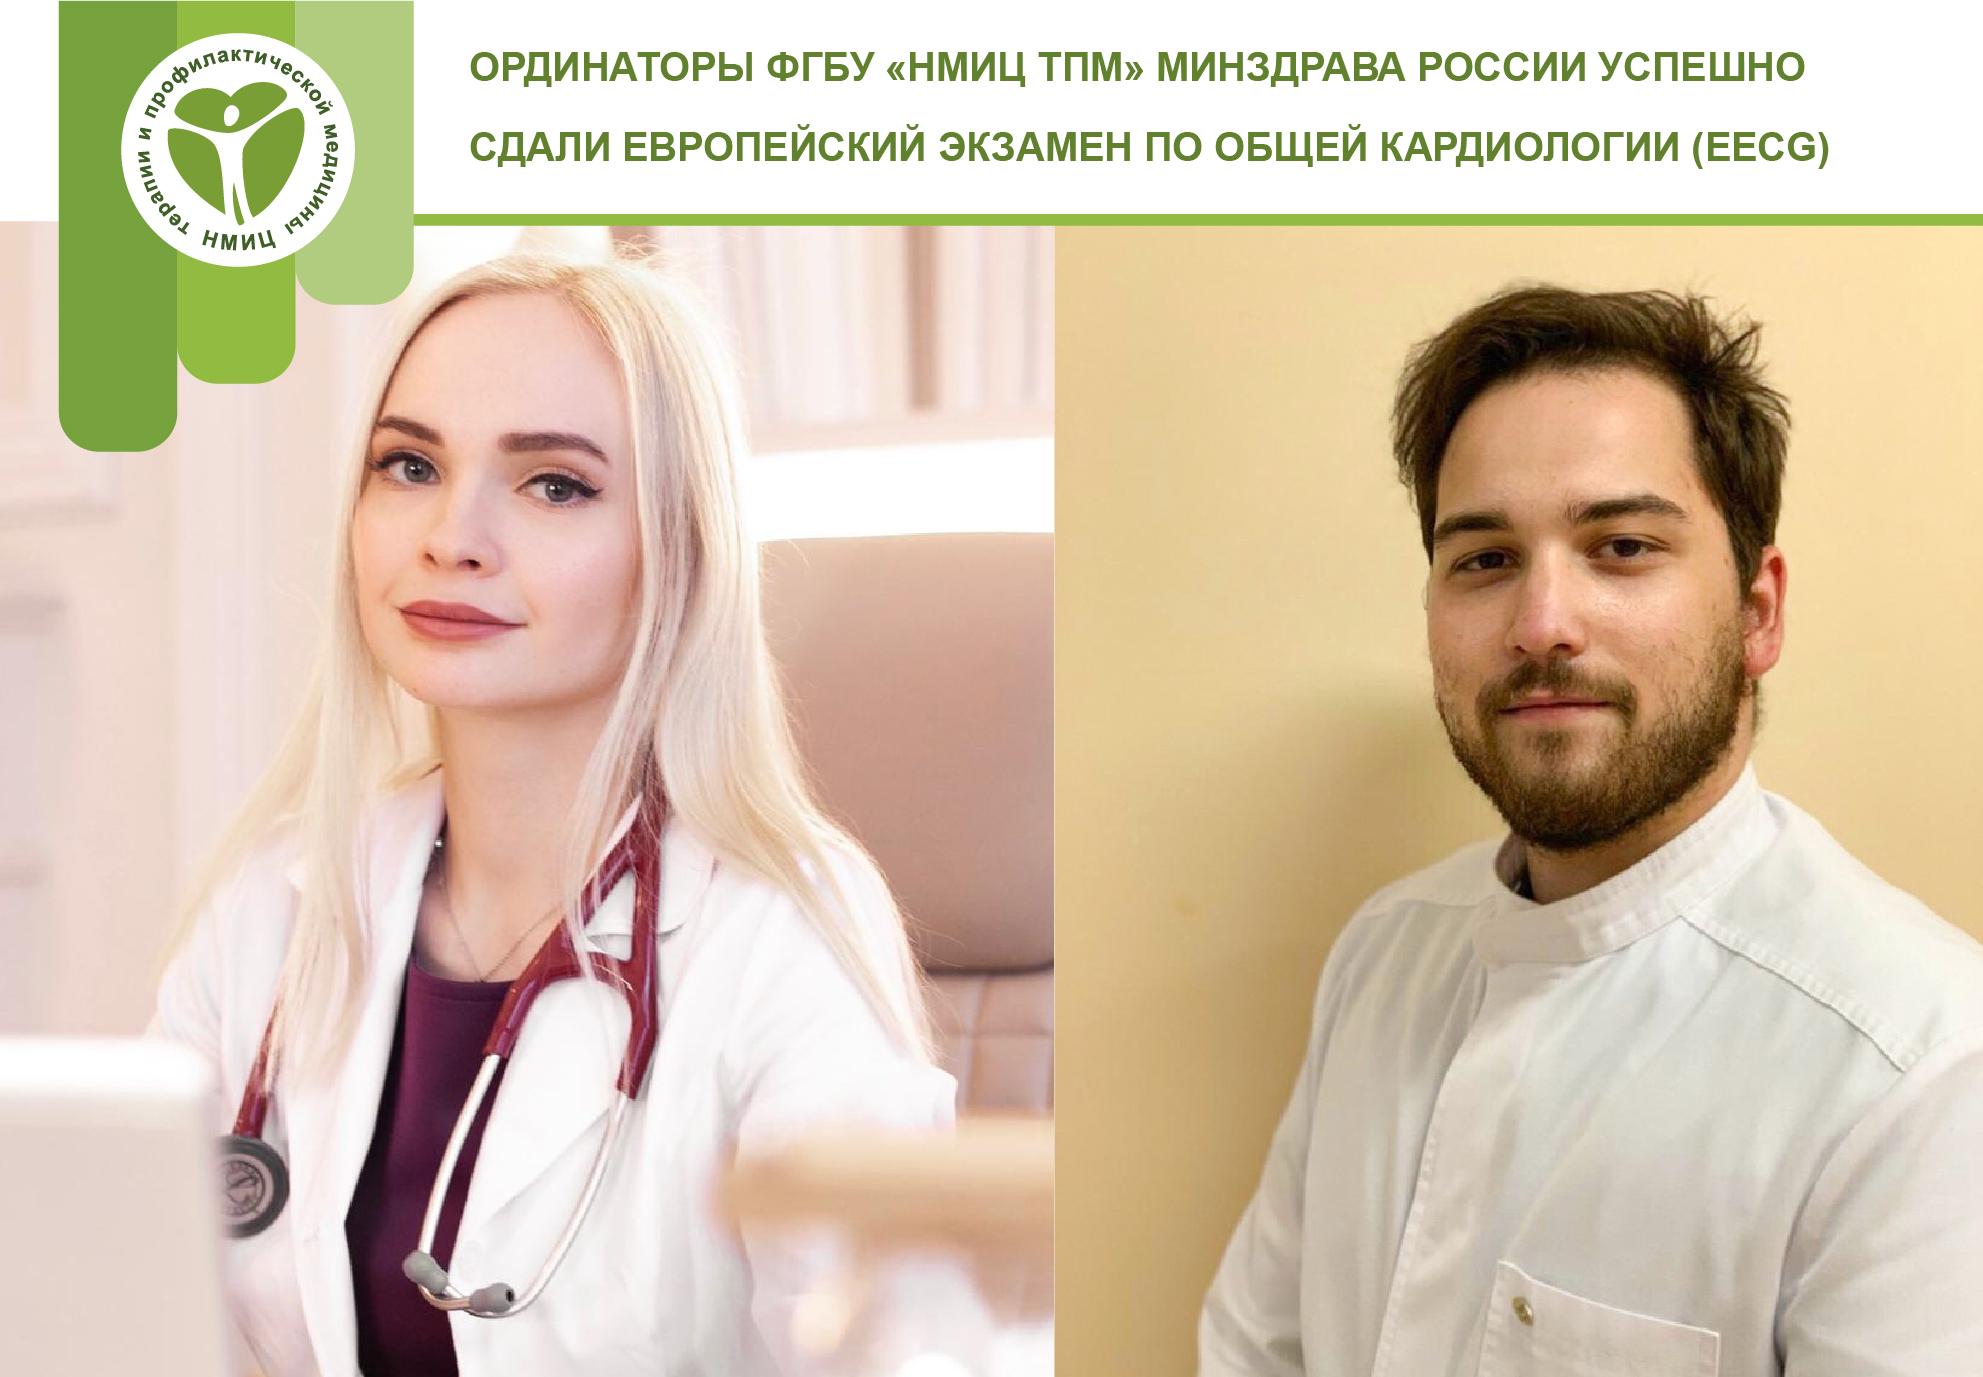 Ординаторы ФГБУ «НМИЦ ТПМ» Минздрава России успешно сдали Европейский экзамен по общей кардиологии (EECG)